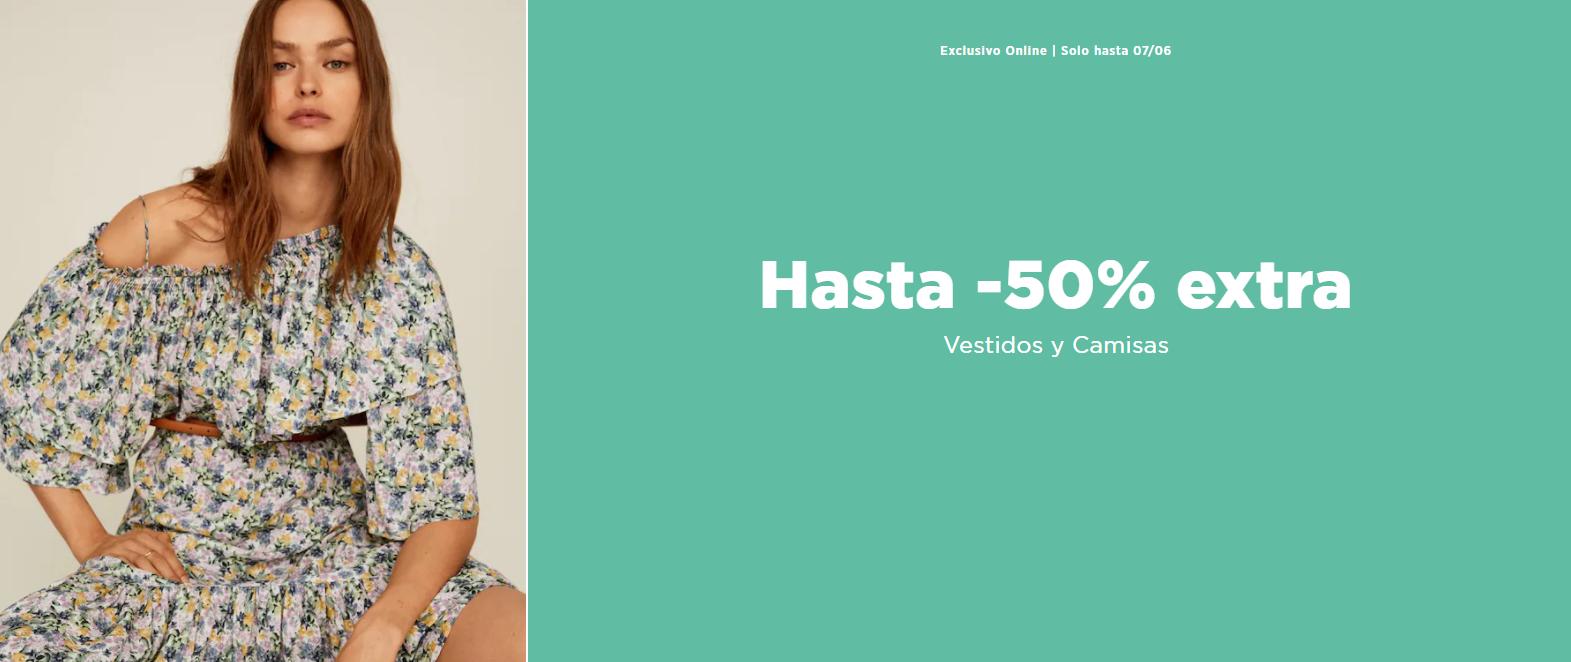 Hasta 50% de Dto. EXTRA en Vestidos y Camisas desde Mango Outlet